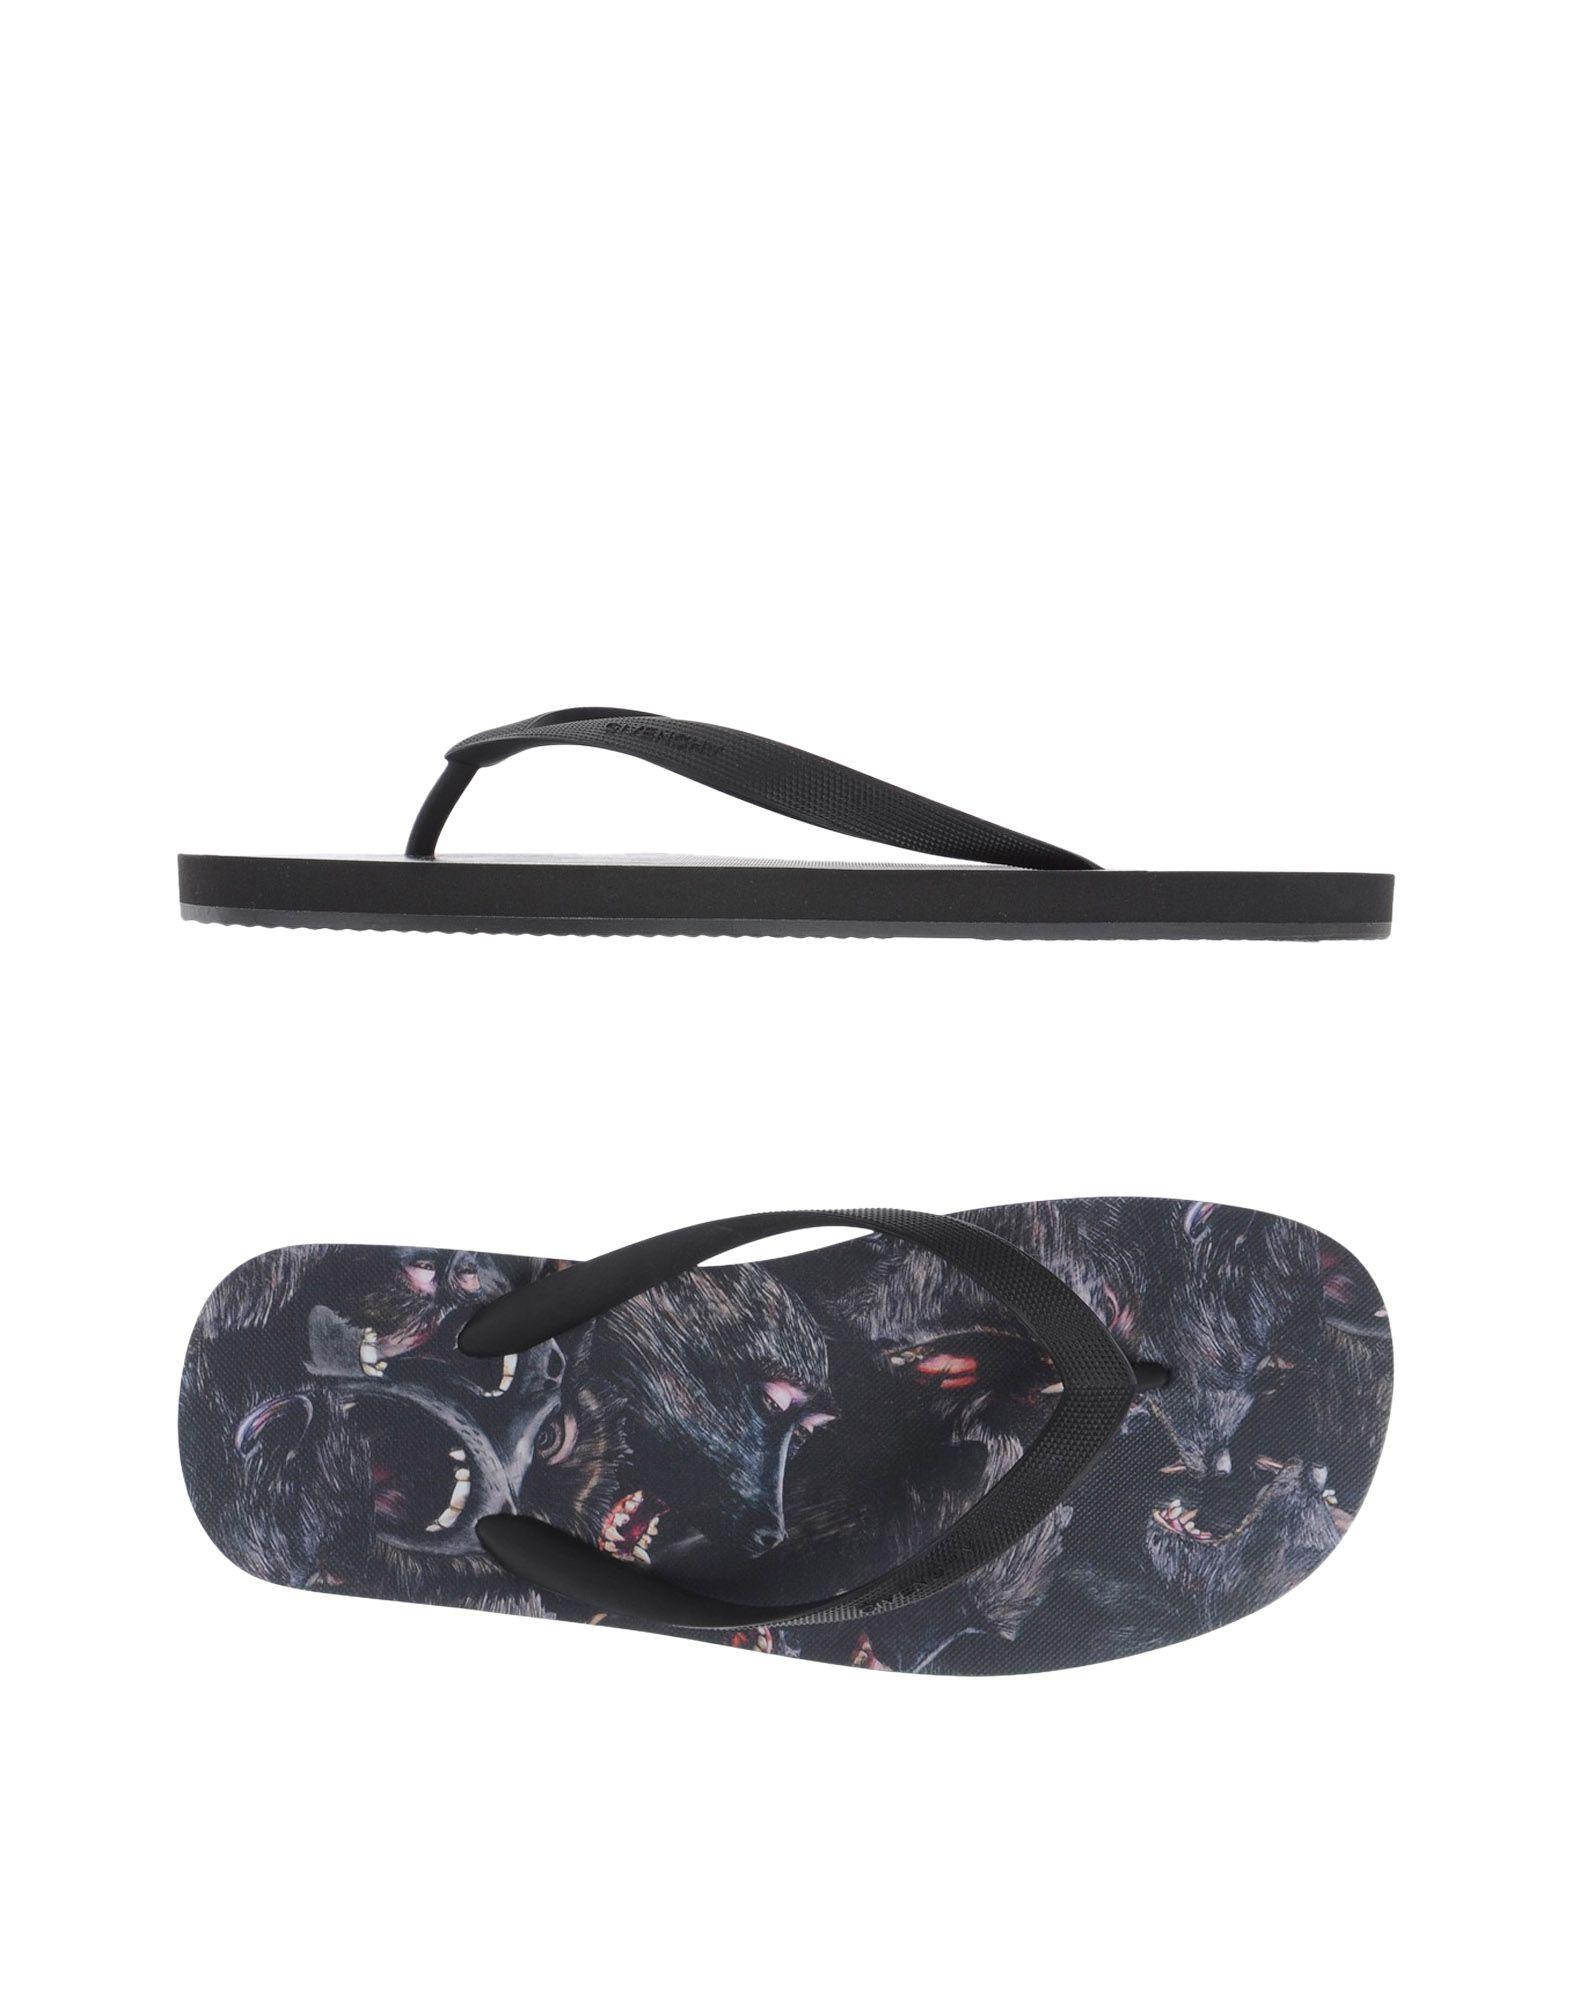 Givenchy Dianetten Herren  beliebte 11240660UD Gute Qualität beliebte  Schuhe ea1b77